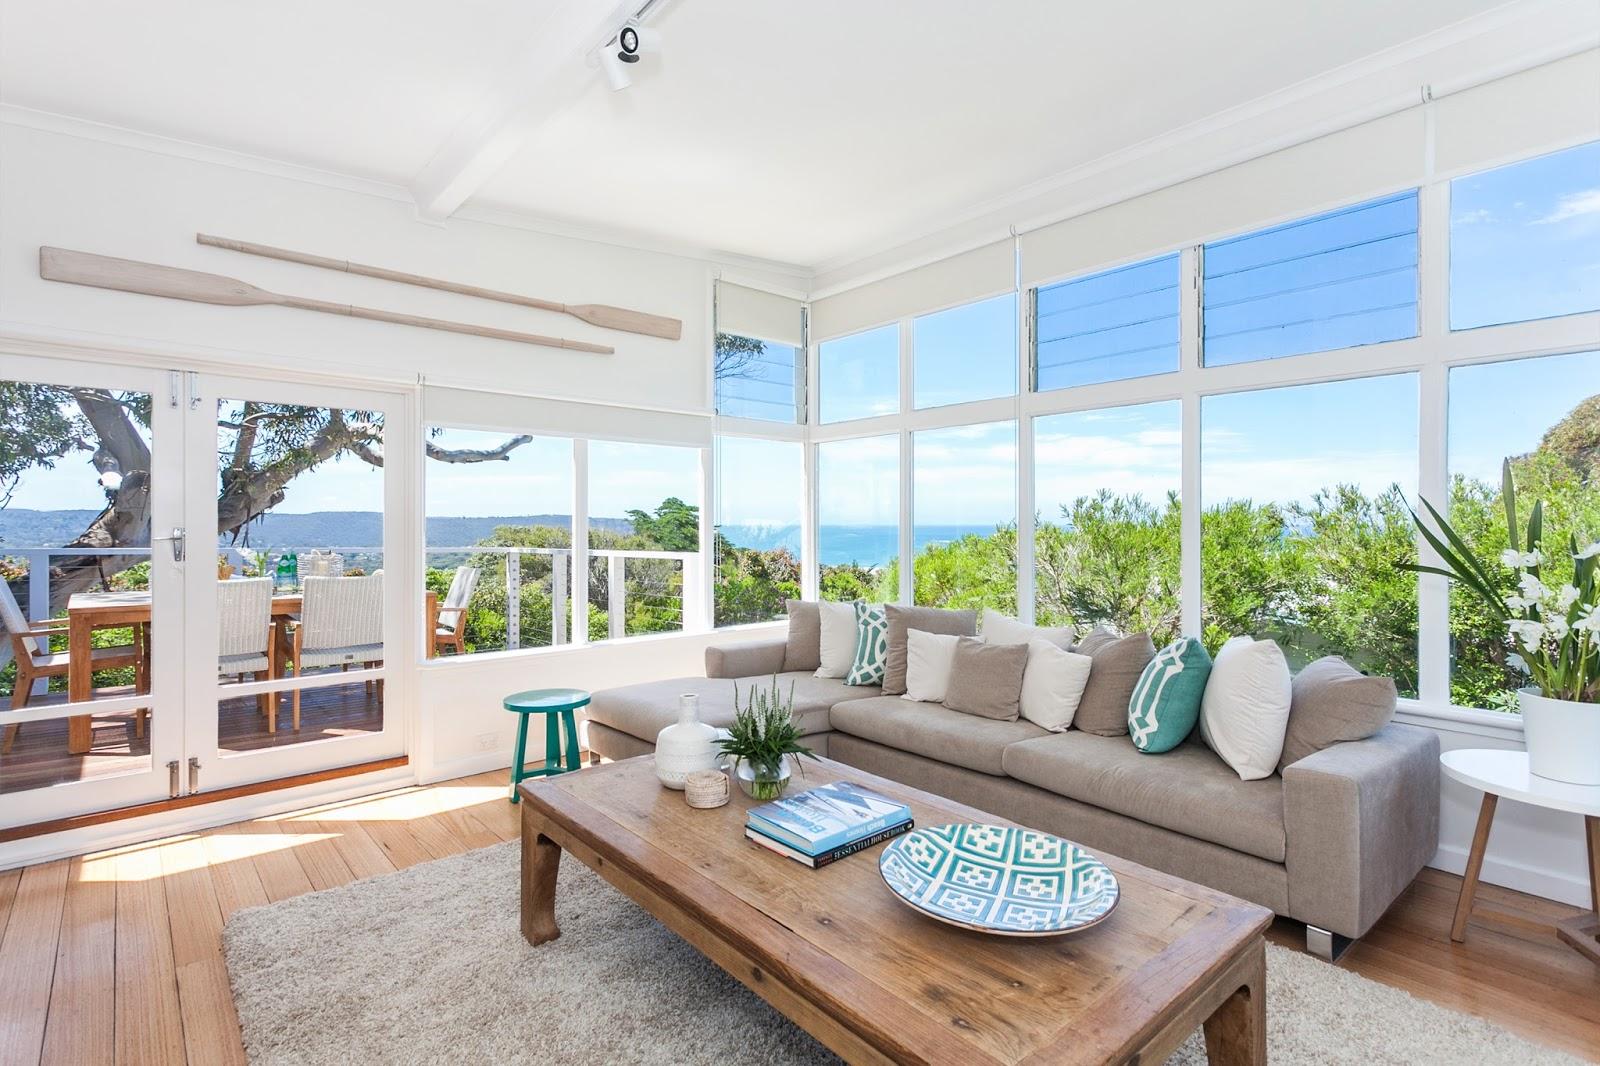 Beach Home Interior Design. Beach Home Interior Design A